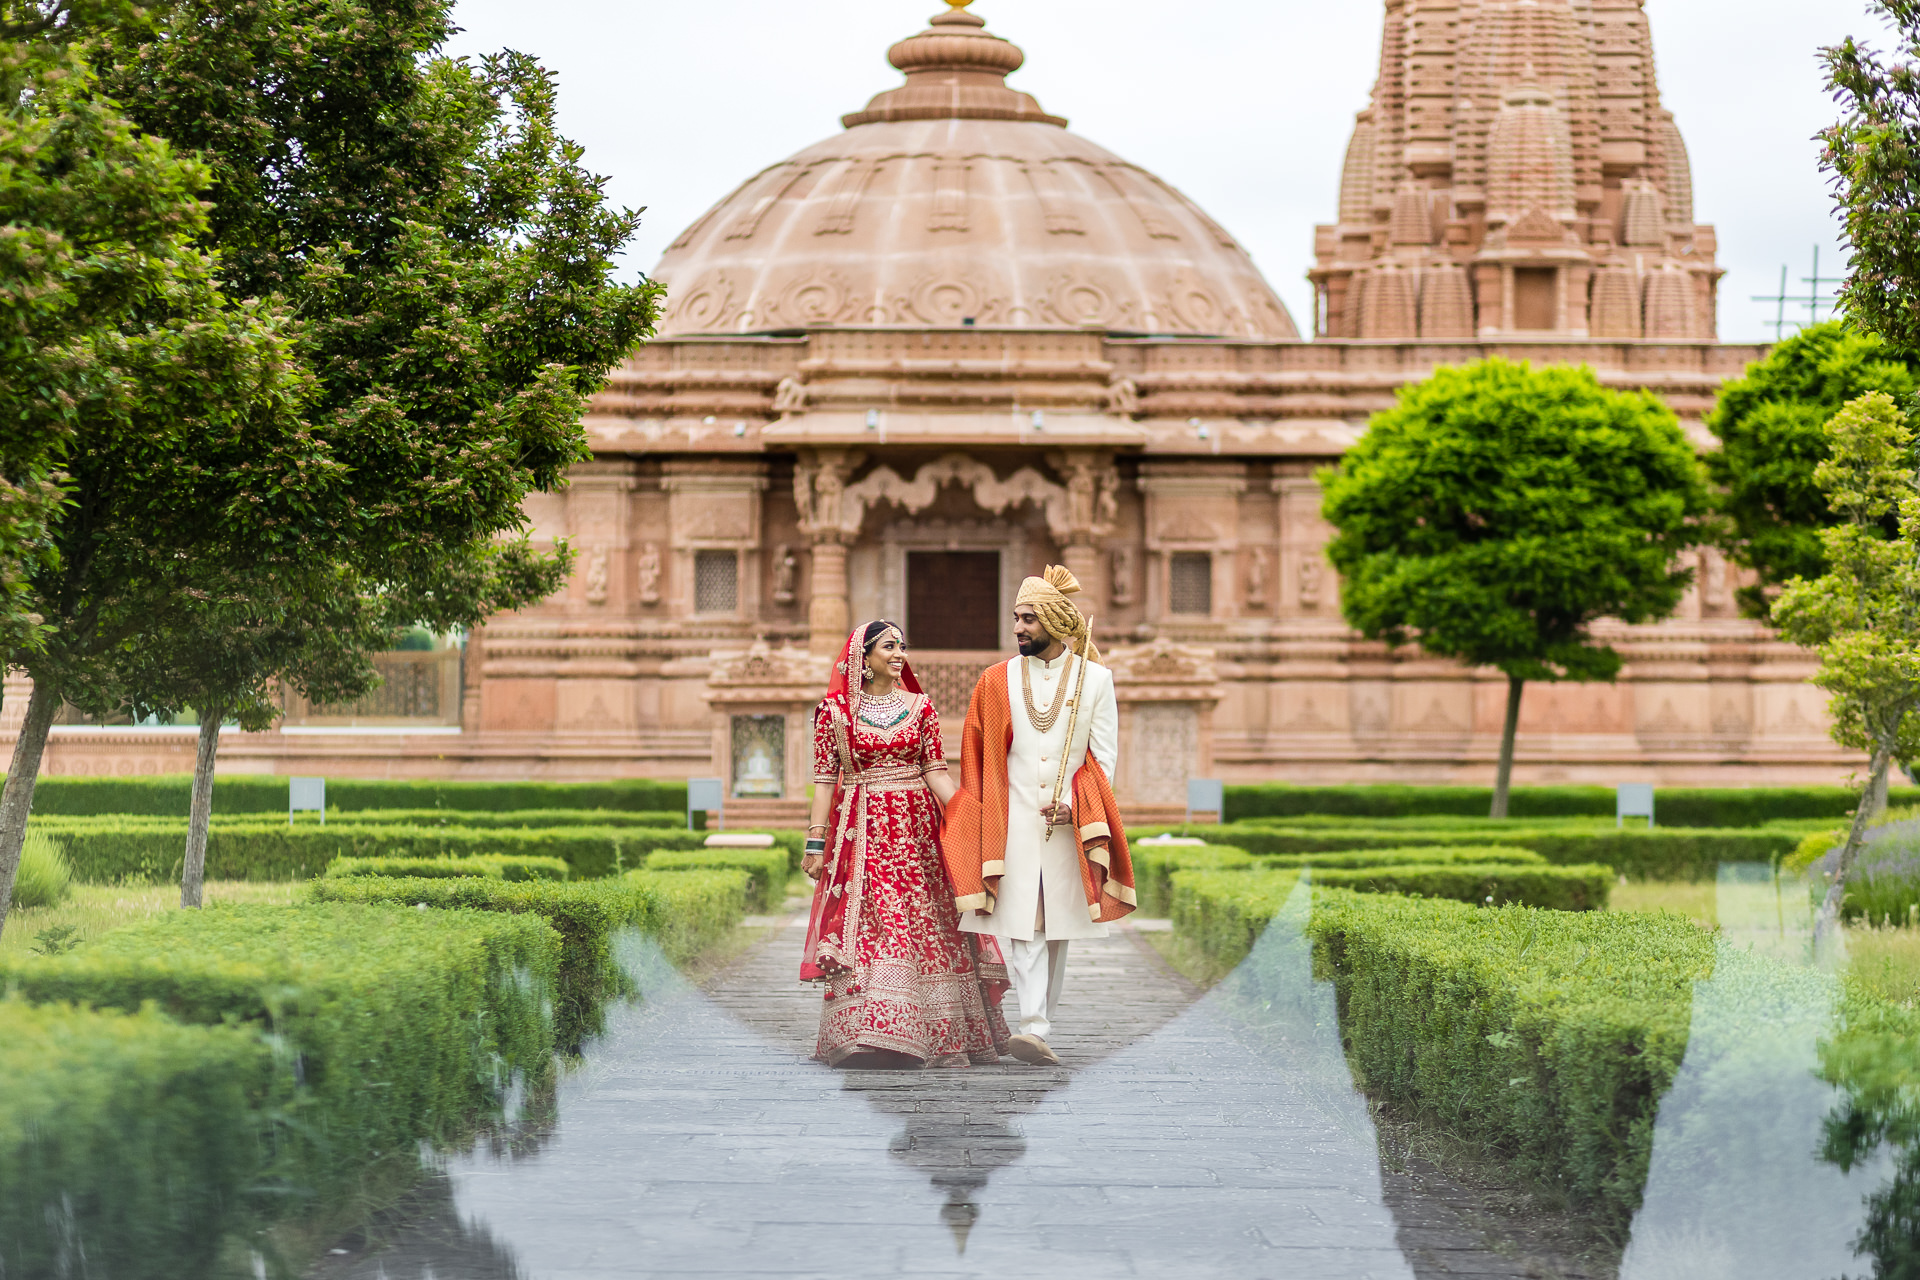 Sonal & Hemal's Hindu wedding at KP Centre